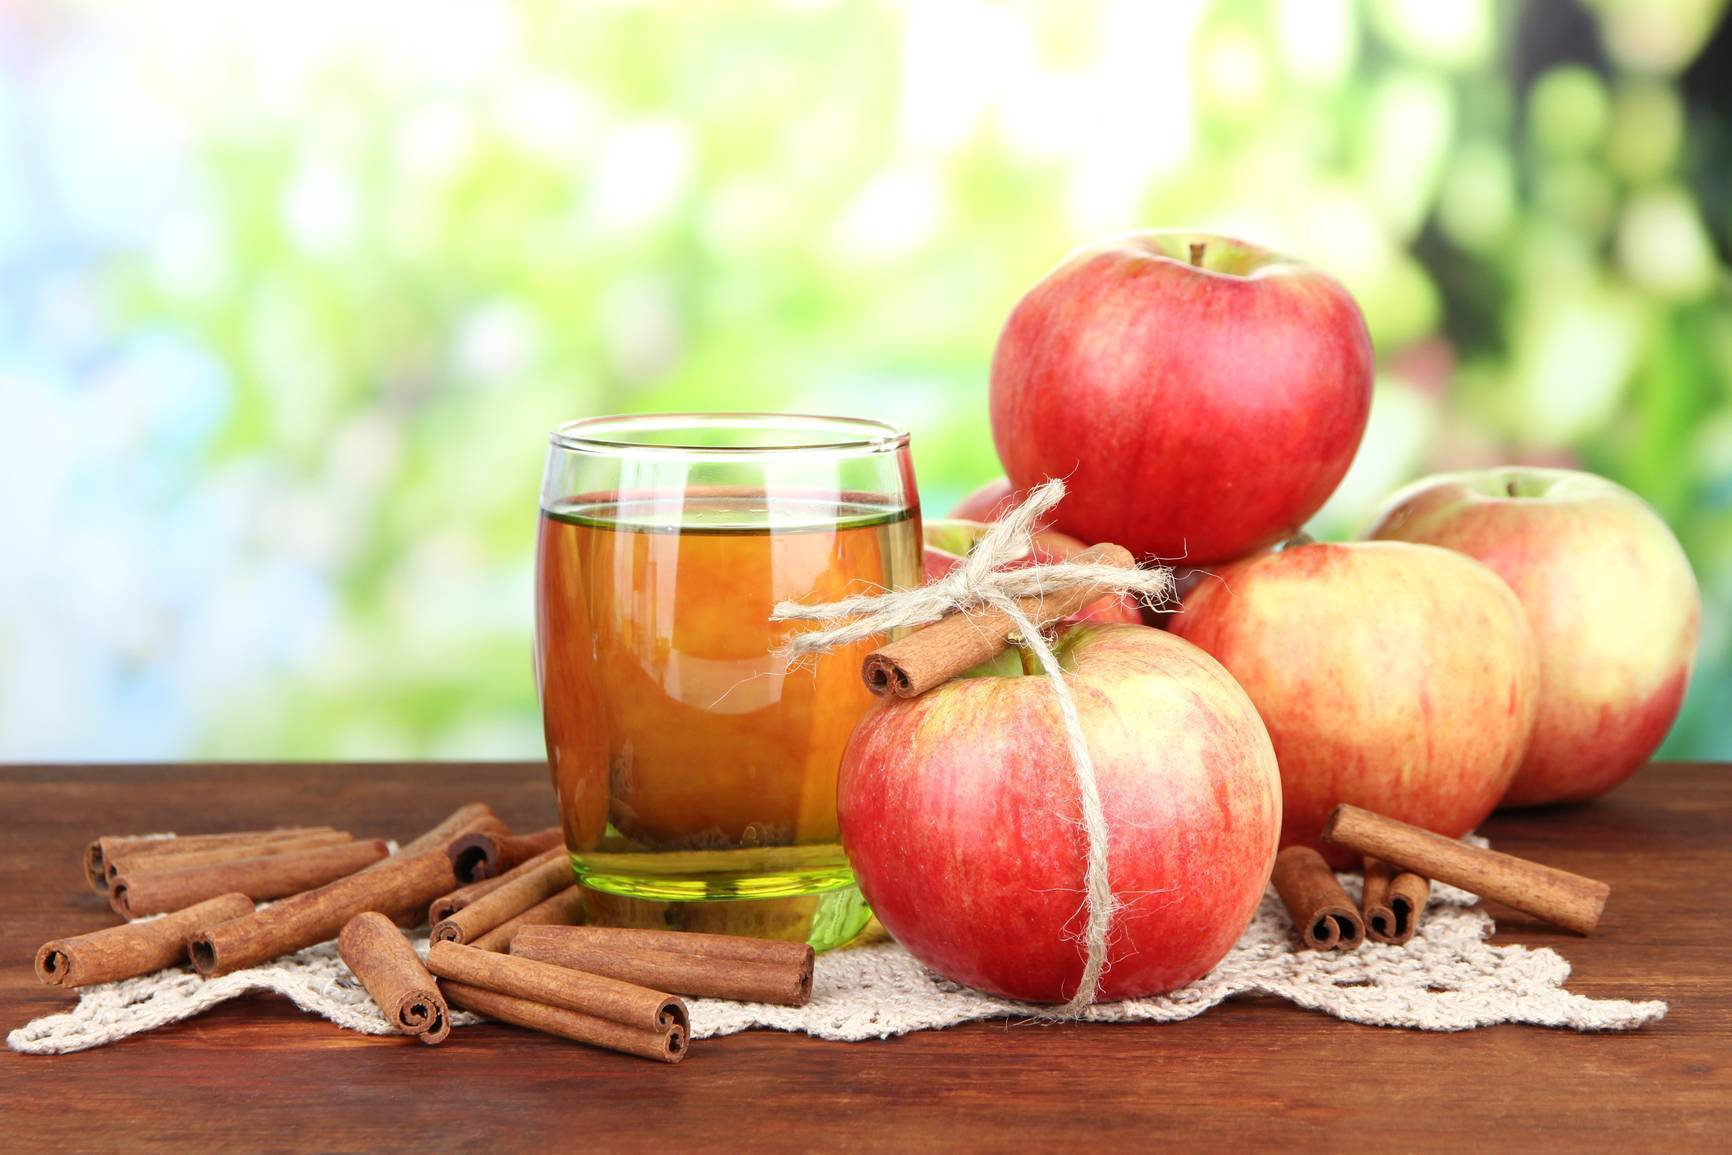 Вино из яблочного сока, как сделать напиток в домашних условиях, простые рецепты домашнего вина, видео